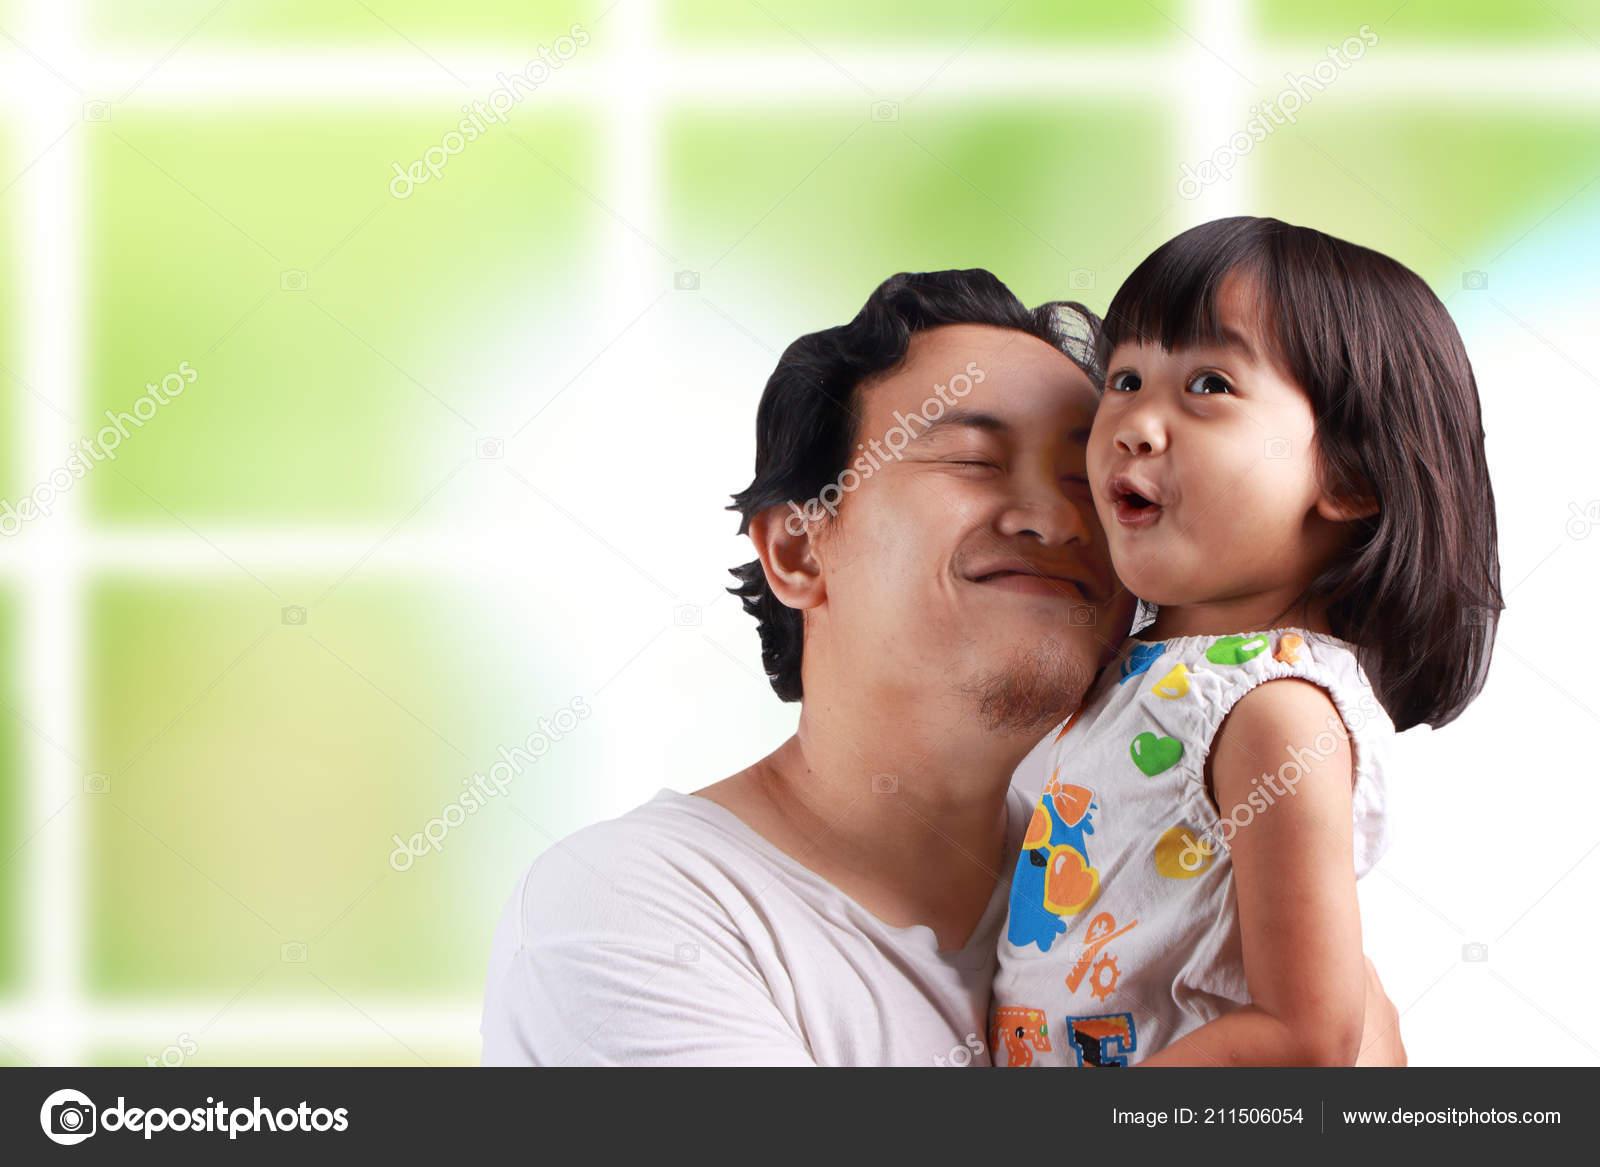 Толстая дочь и отец онлайн, Толстая дочка -видео. Смотреть толстая дочка 19 фотография